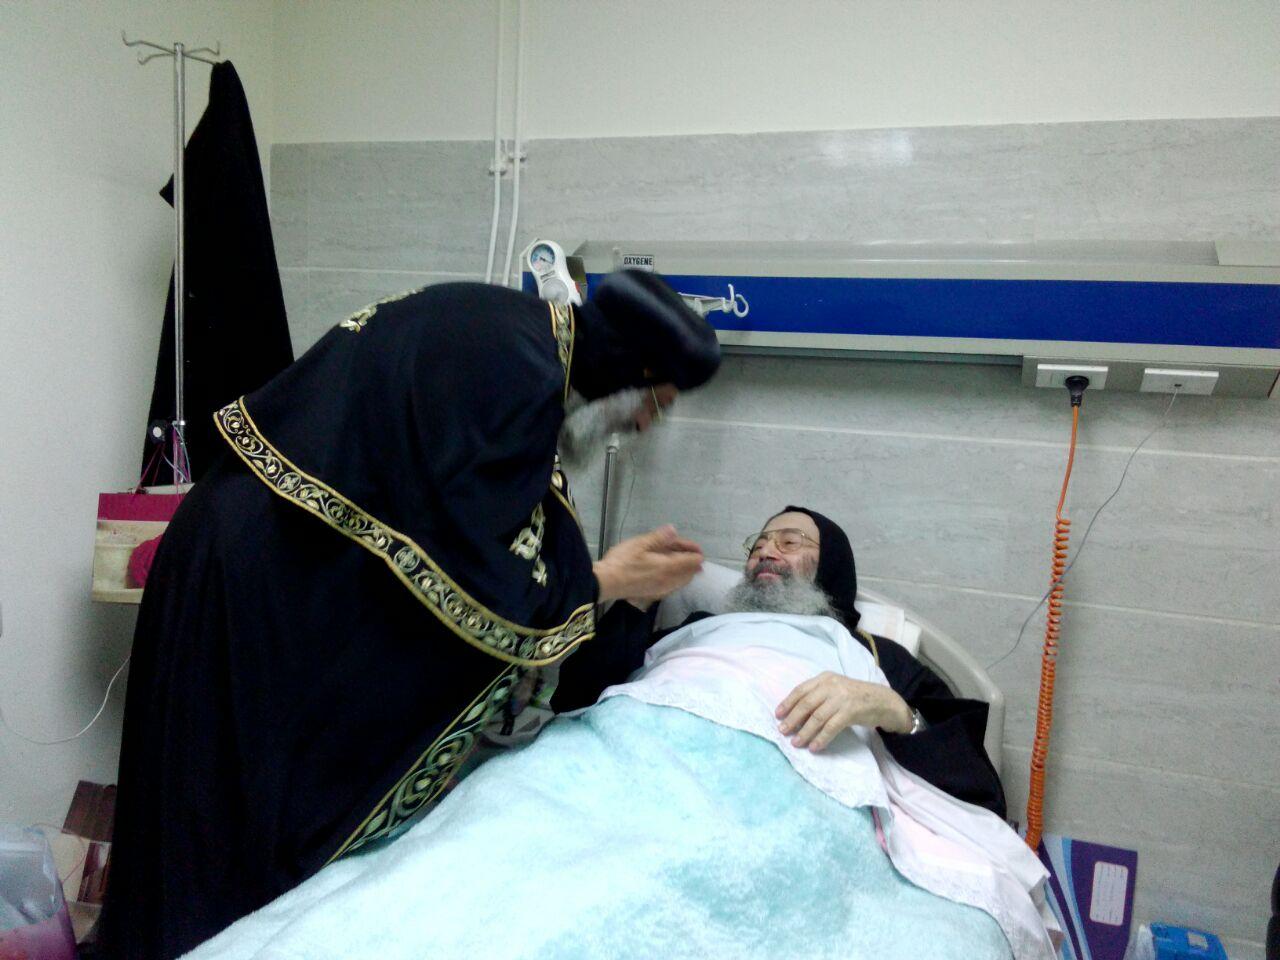 البابا تواضروس يزور الأنبا بيشوي في المستشفى للإطمئنان على صحته